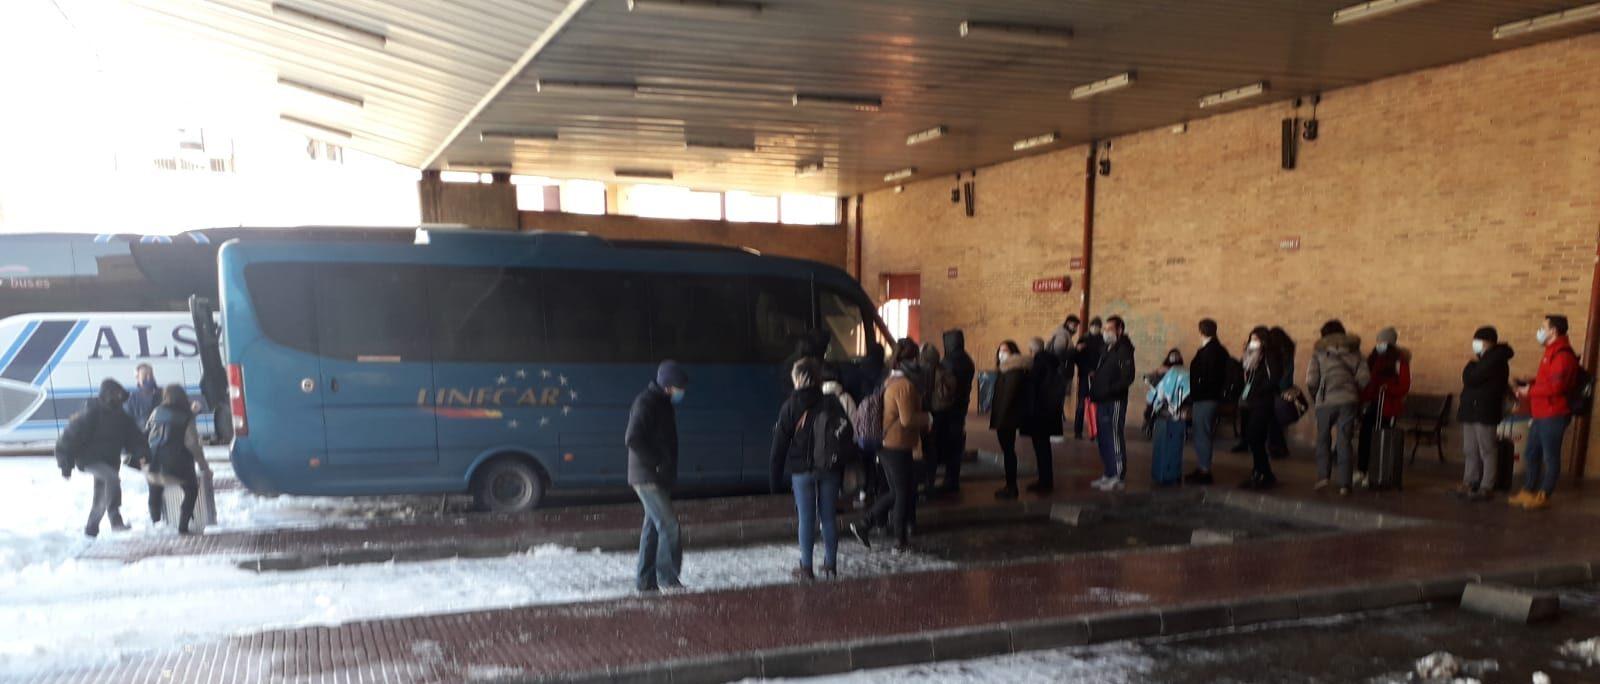 Reclamacion servicio autobuses